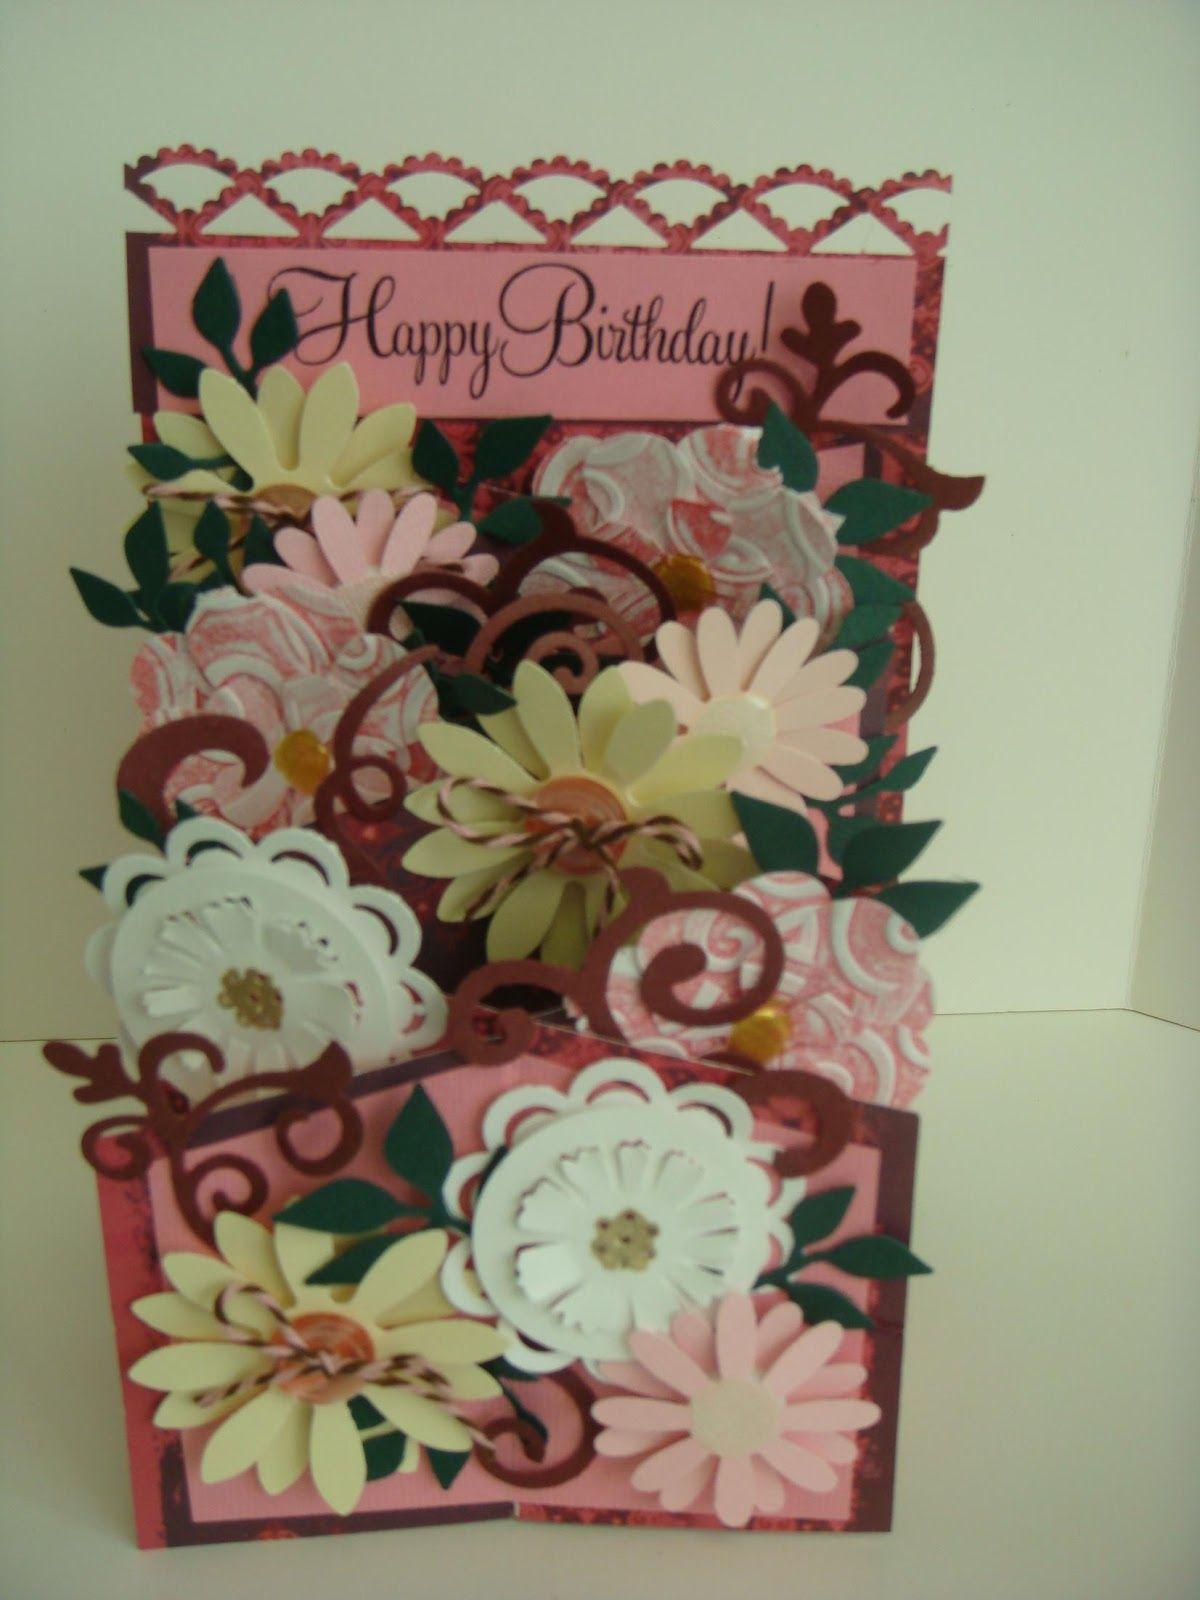 Добрым утром, открытка раскладушка своими руками с цветами